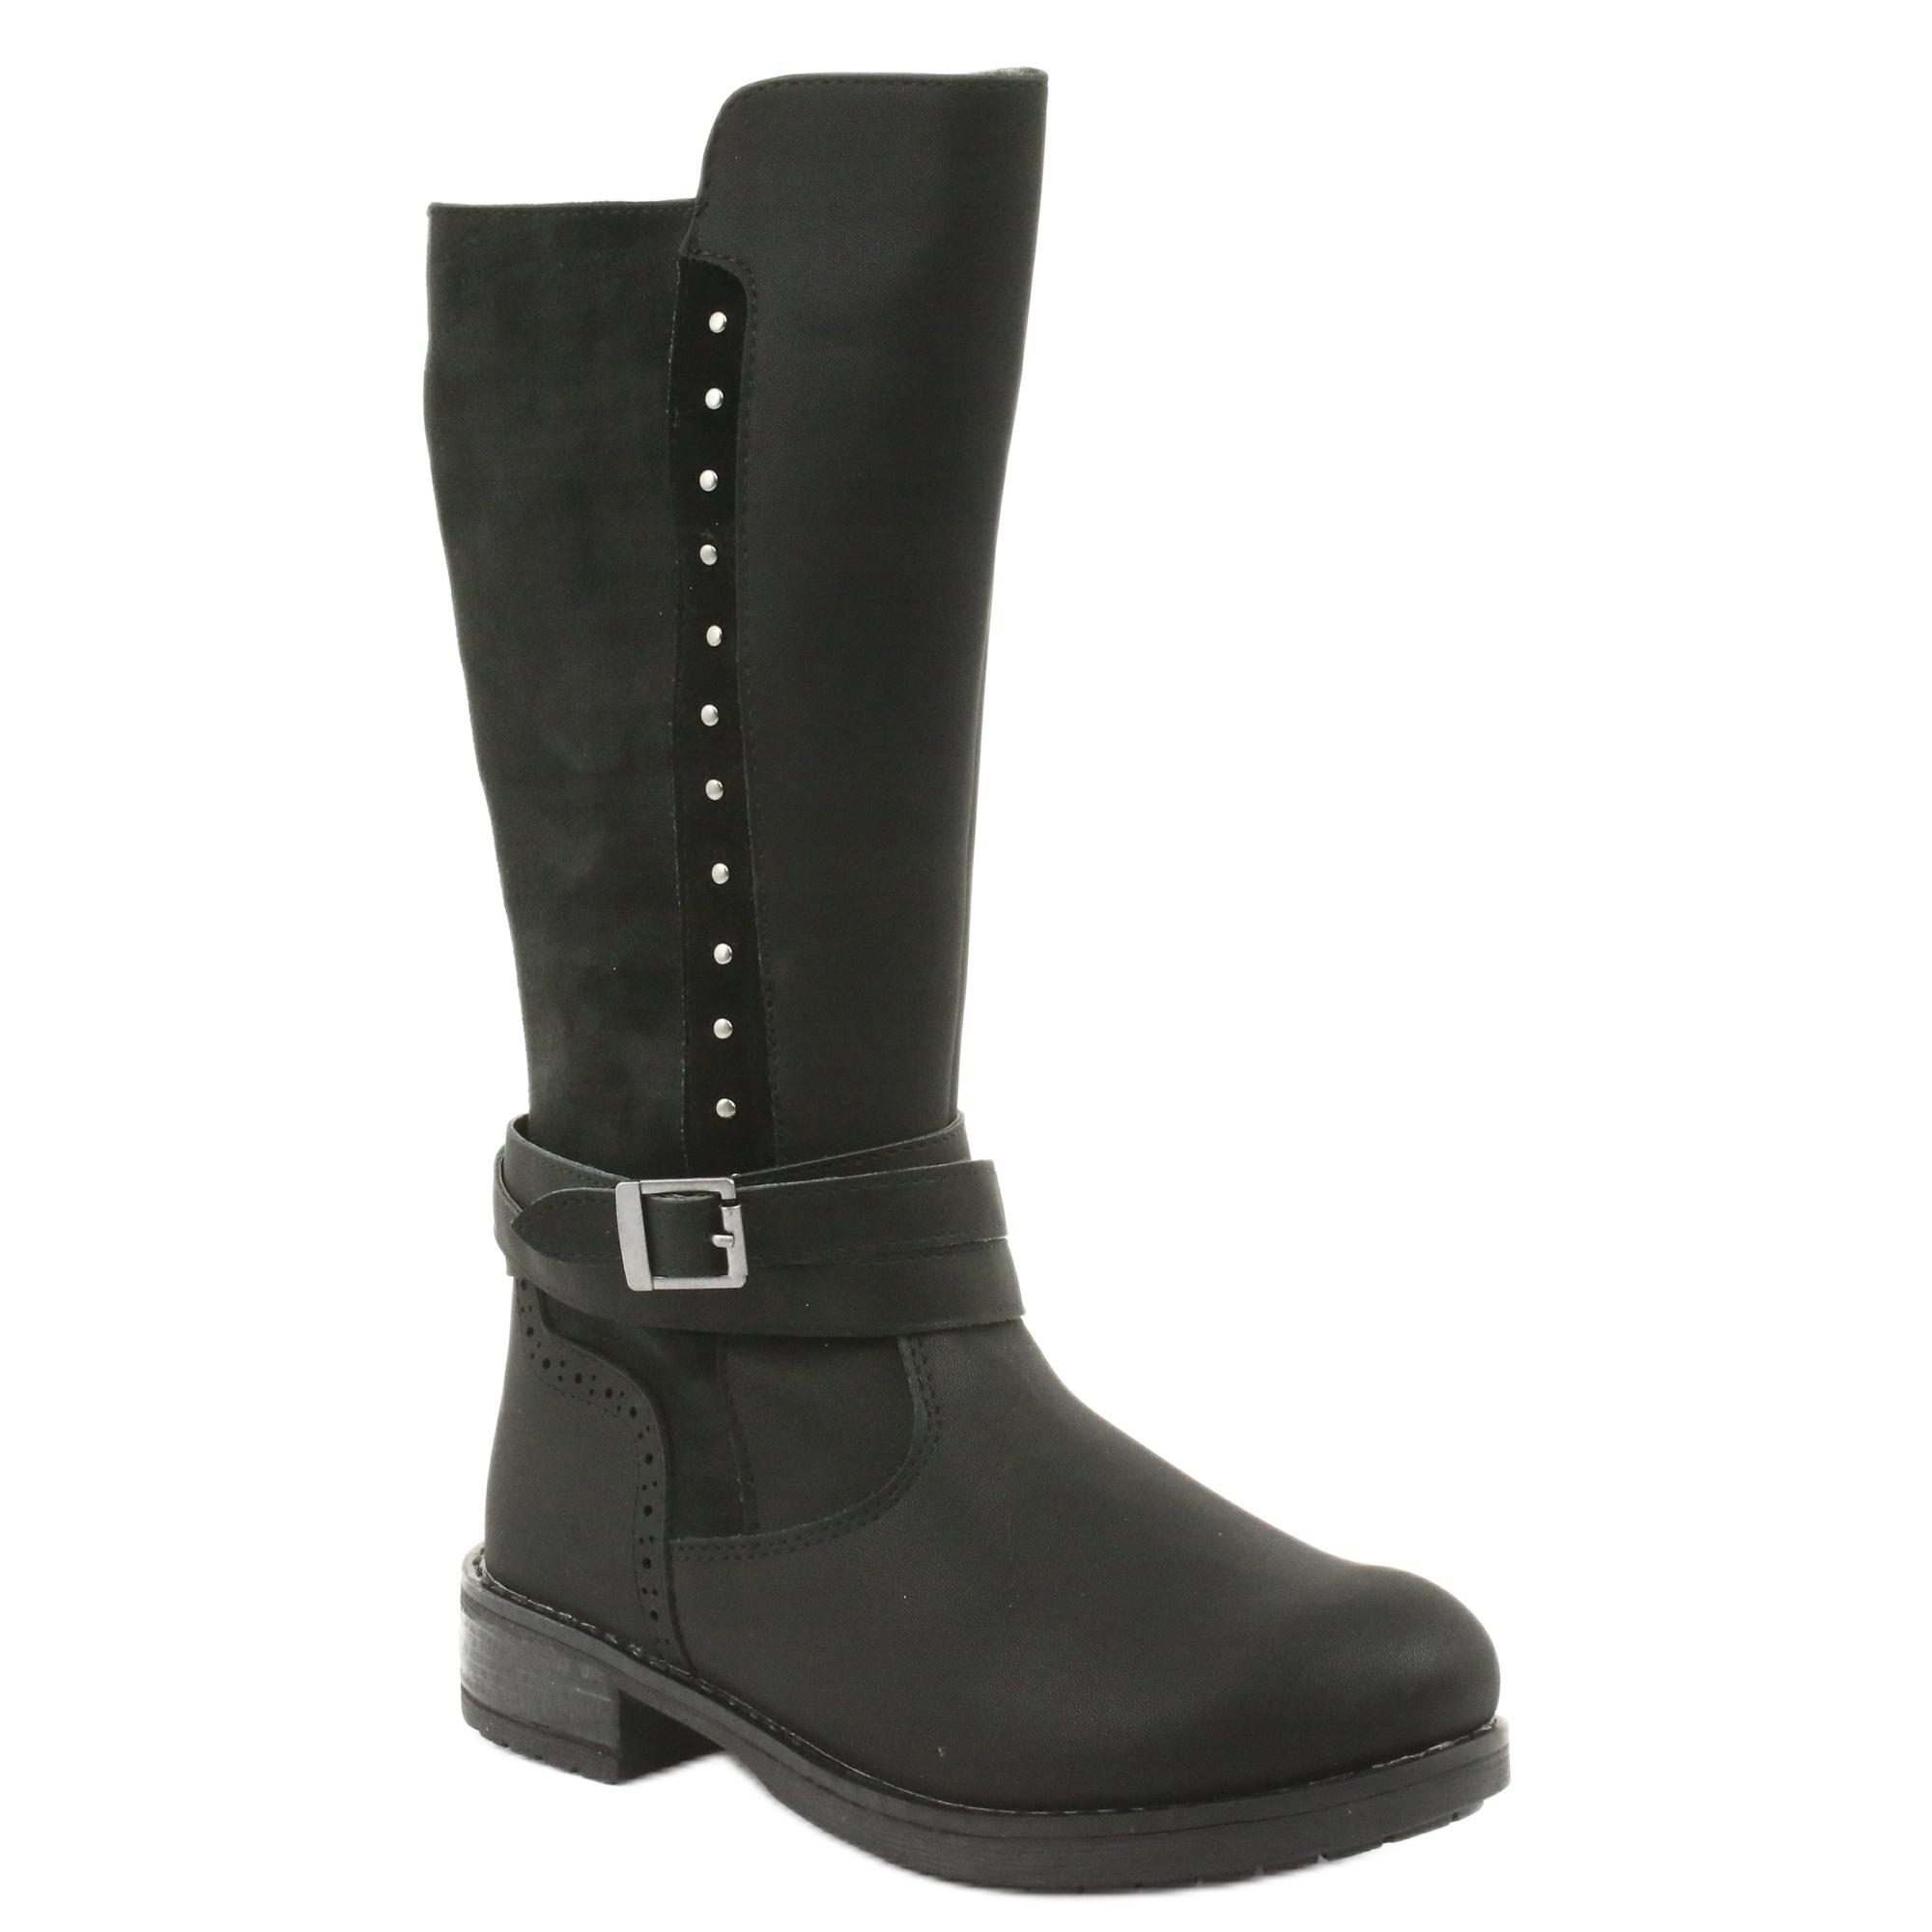 miniatura 2 - Stivali lunghi American Club GC31 con getti nero grigio